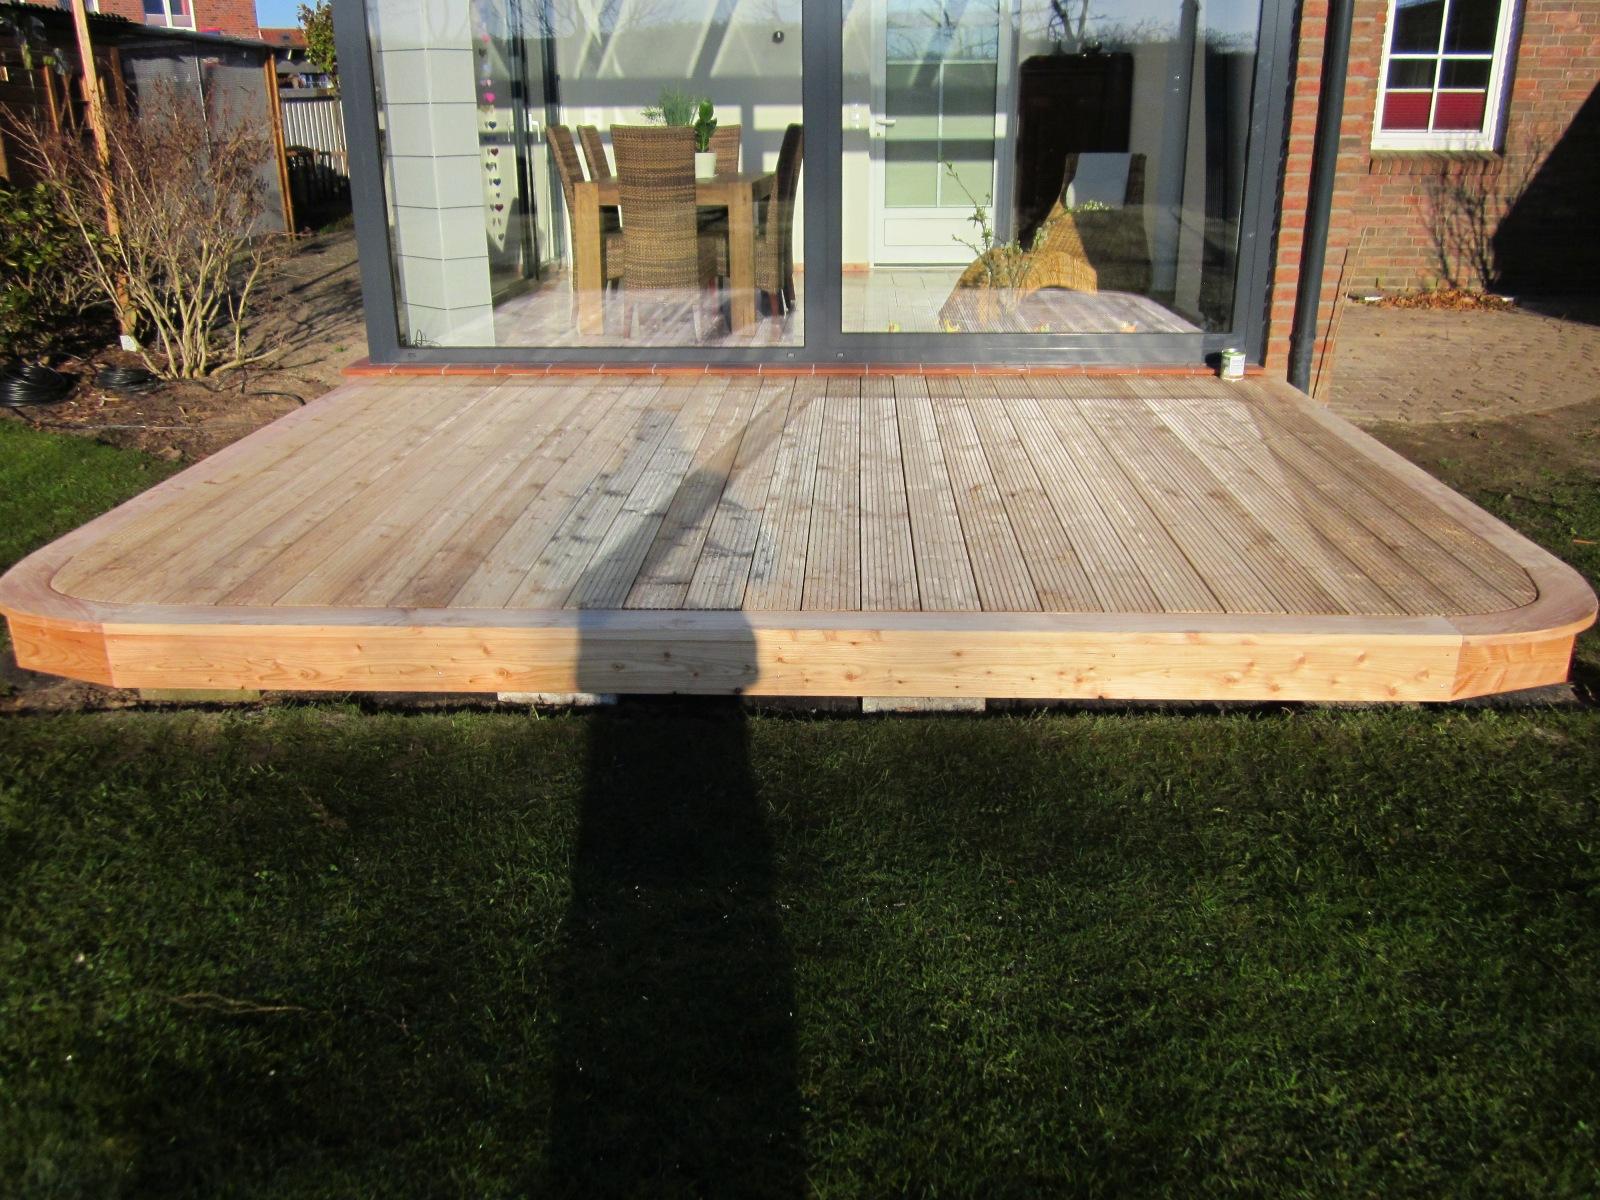 Lärche Terrasse rund mit Blende